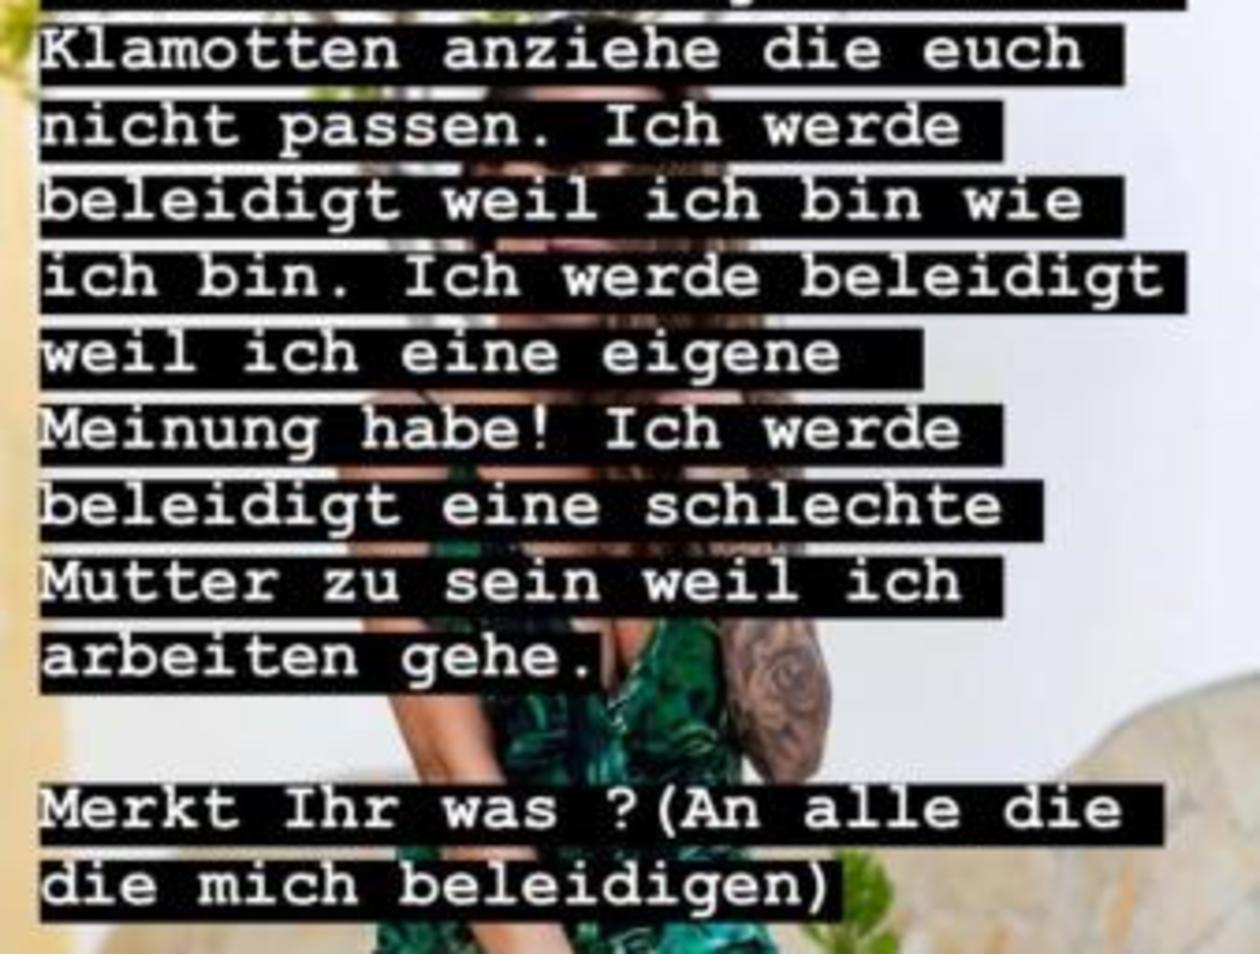 Sommerhaus Der Stars Elena Miras Reaktion Nach Total Ausraster